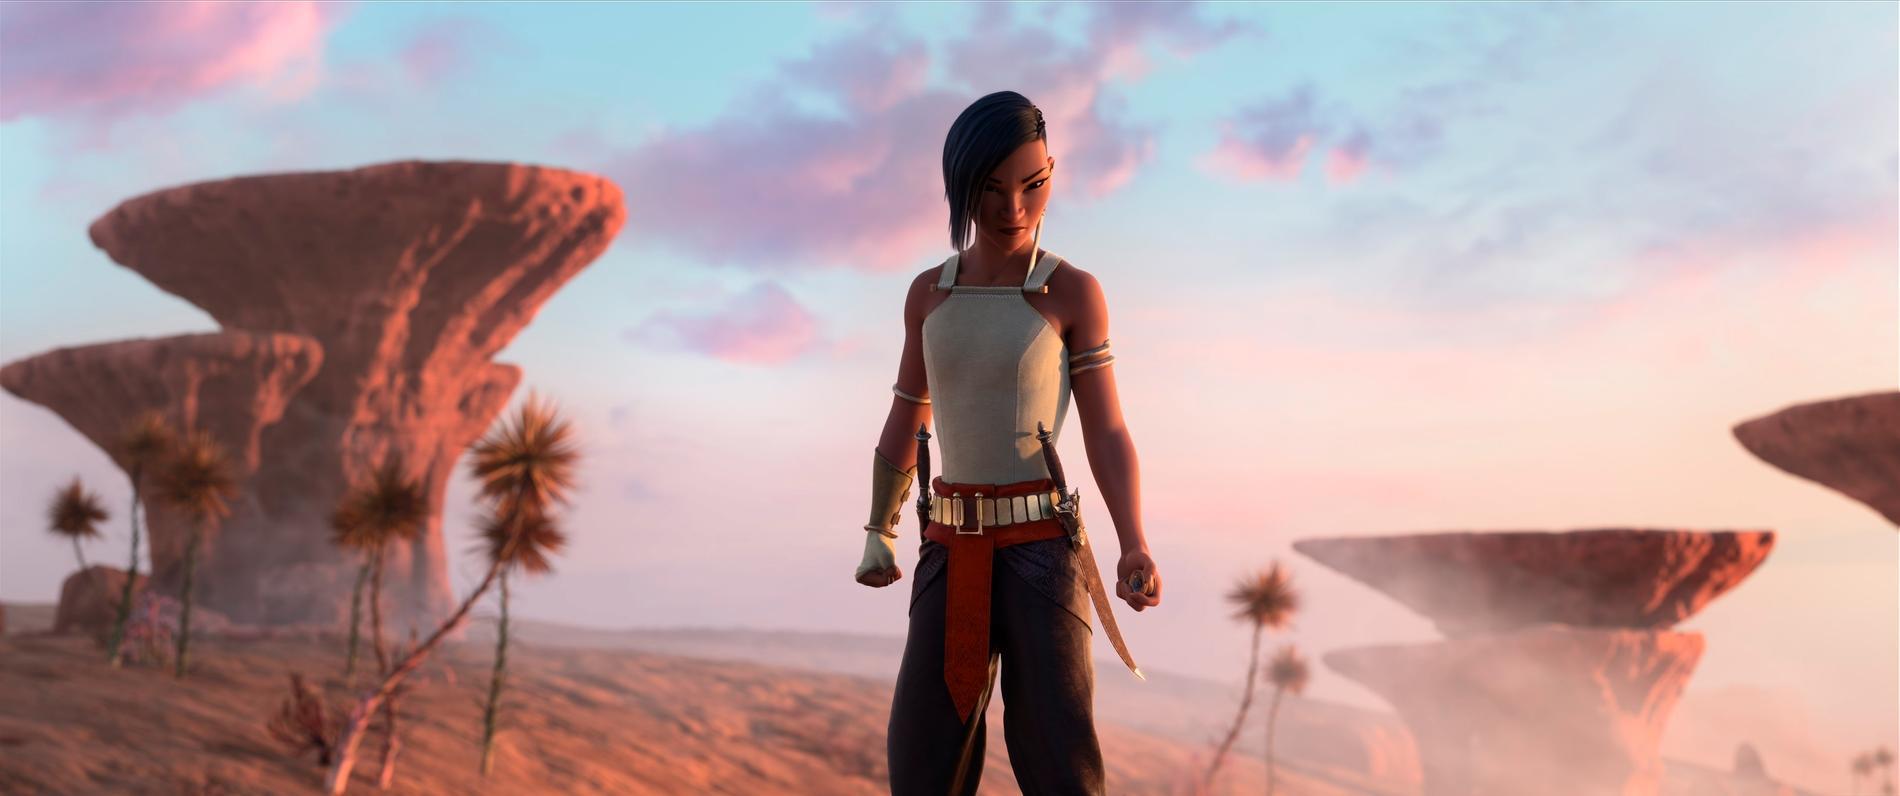 """Disneyfilmen """"Raya och den sista draken"""" har nyligen haft premiär även på Disney plus. Arkivbild."""